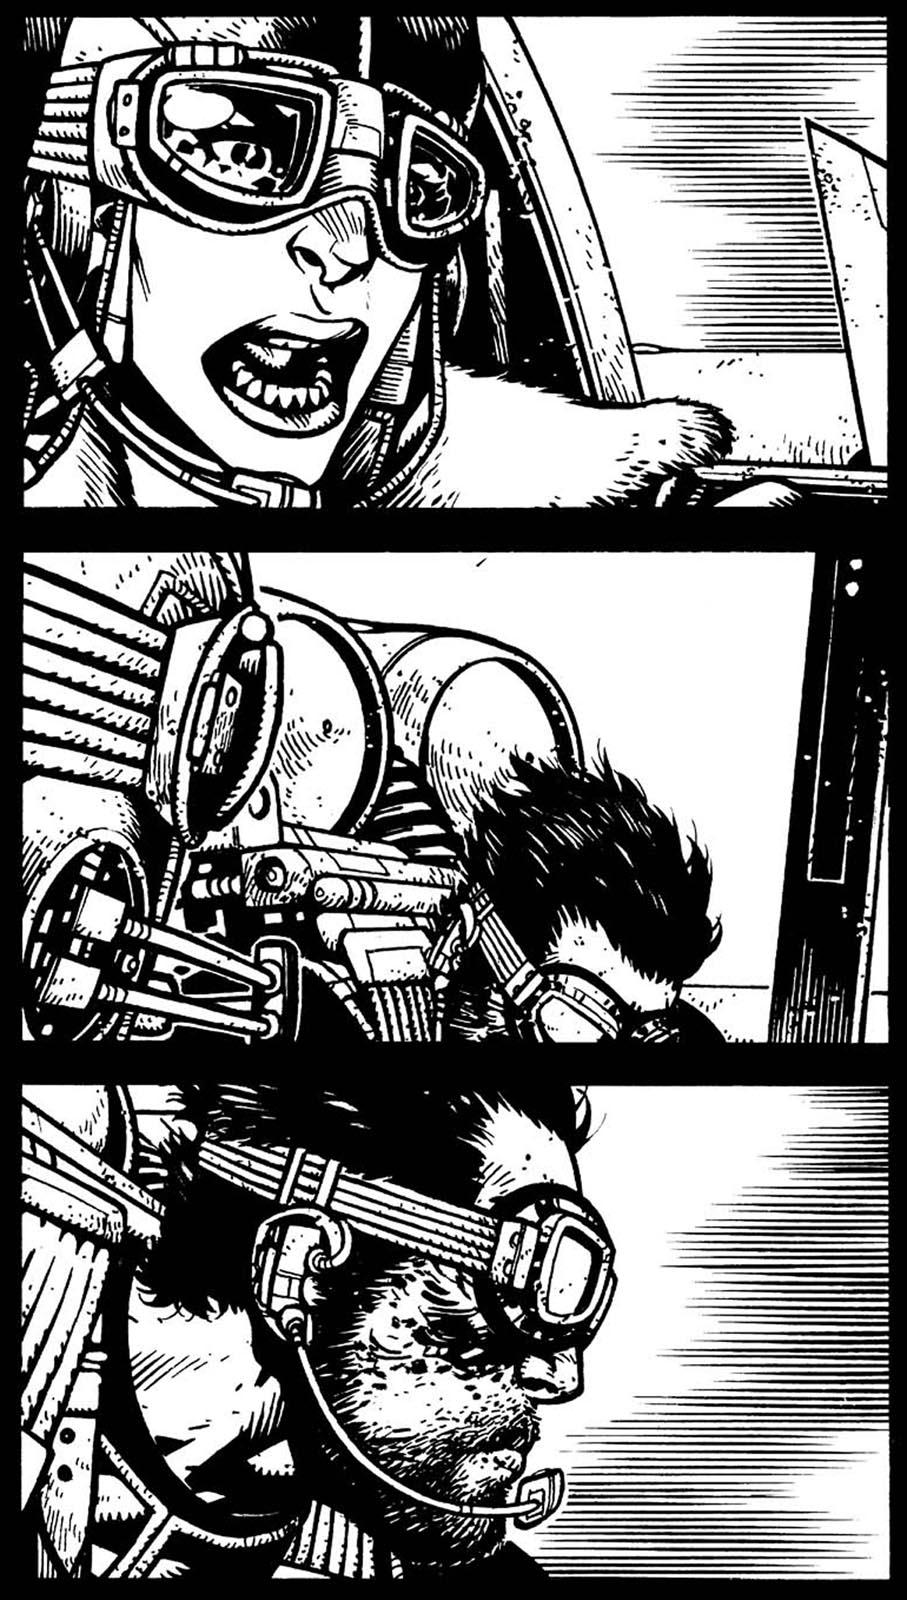 Wild Blue Yonder Issue 5 Crop C  by Spacefriend-KRUNK